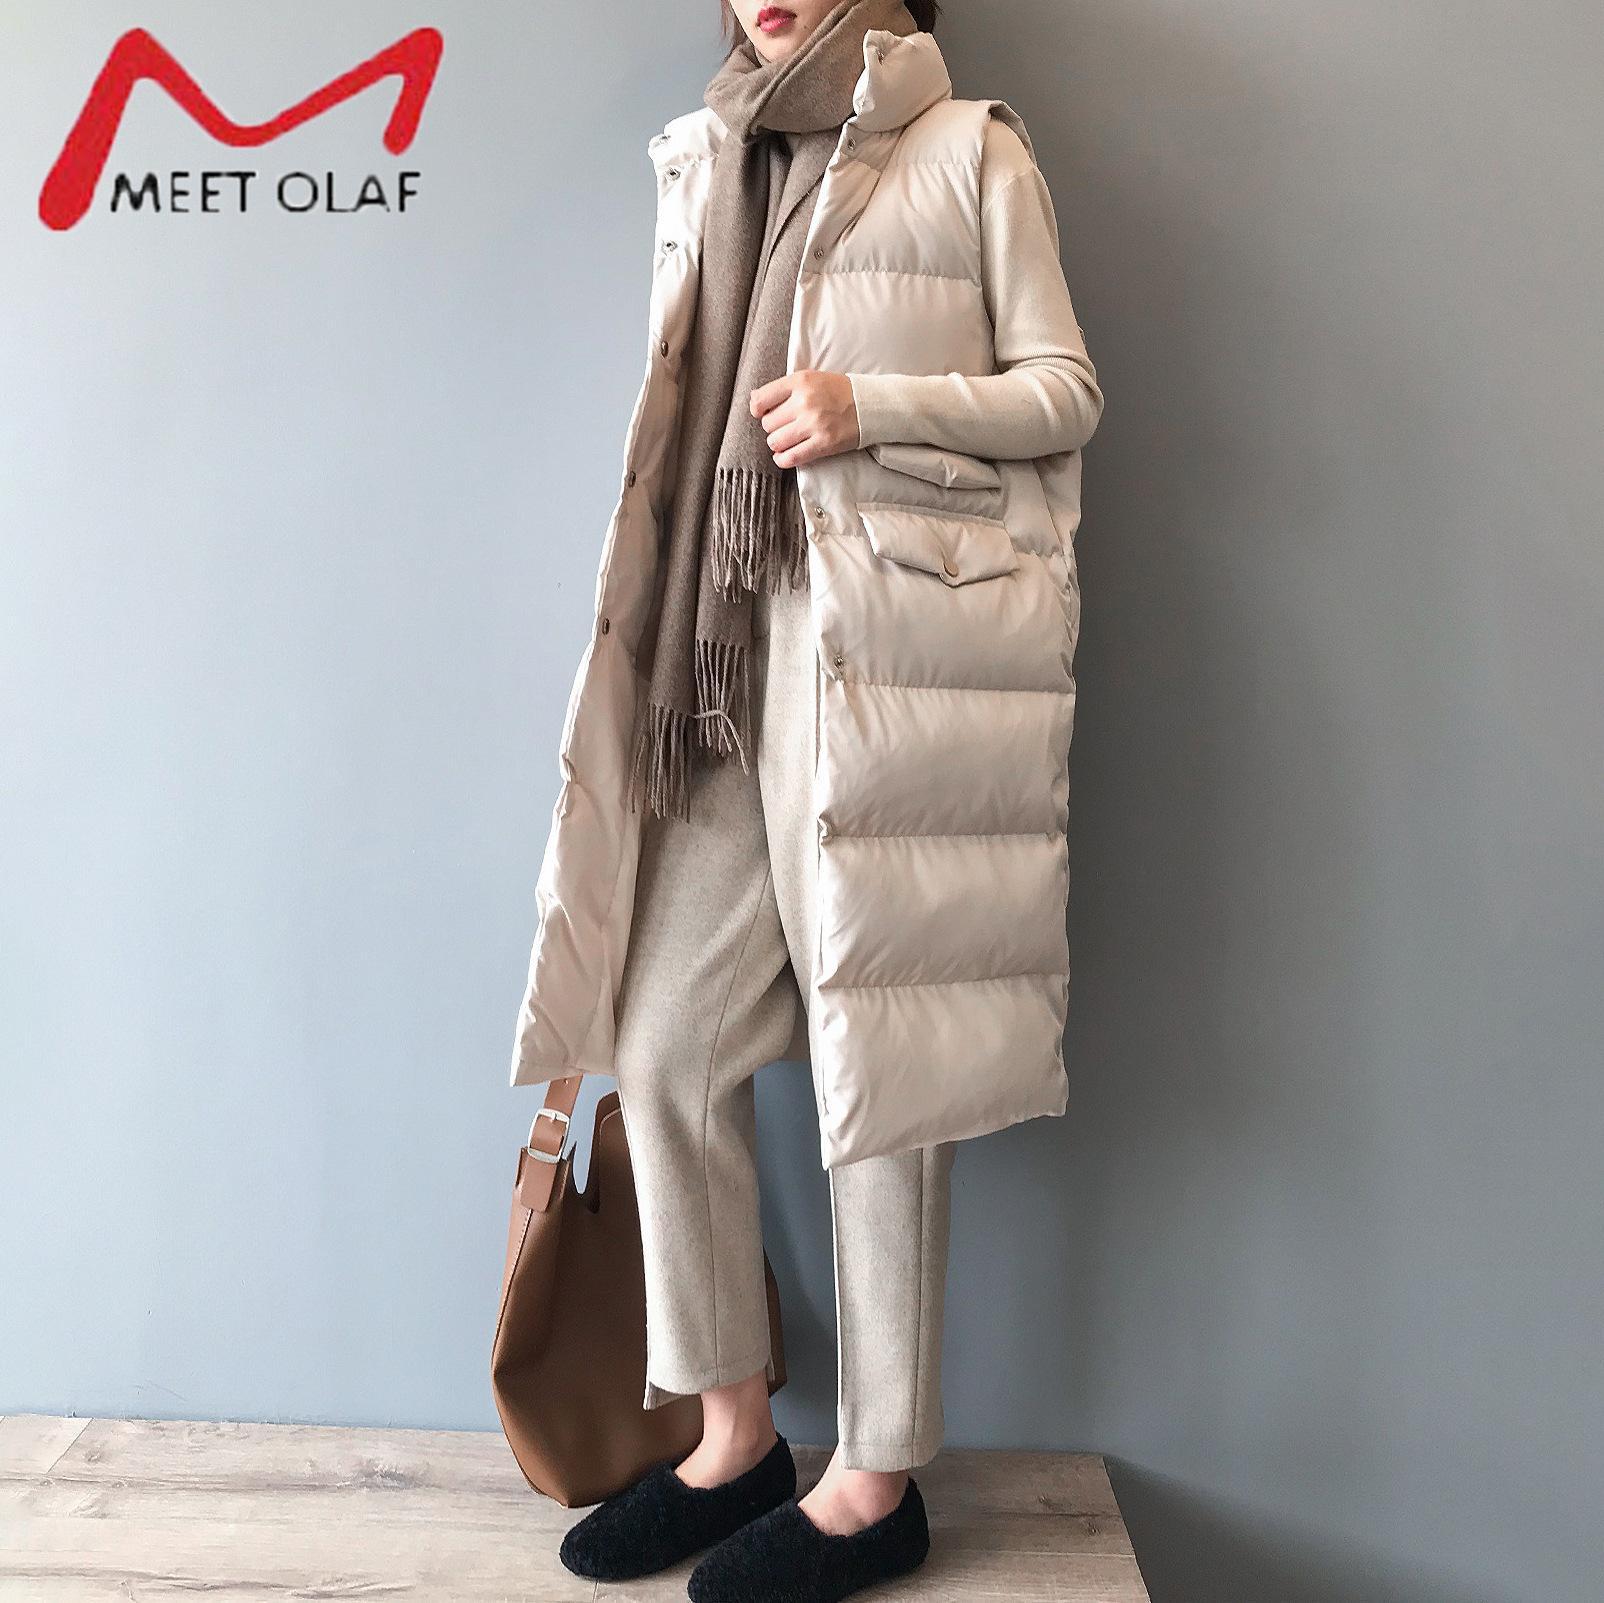 2020 Kadın Kış Yelek Ceket Standı Yaka Kadınlar Uzun Yelek Sıcak Kadınlar Yelek Tops Chaleco Mujer Jile Casaco Femininox1016